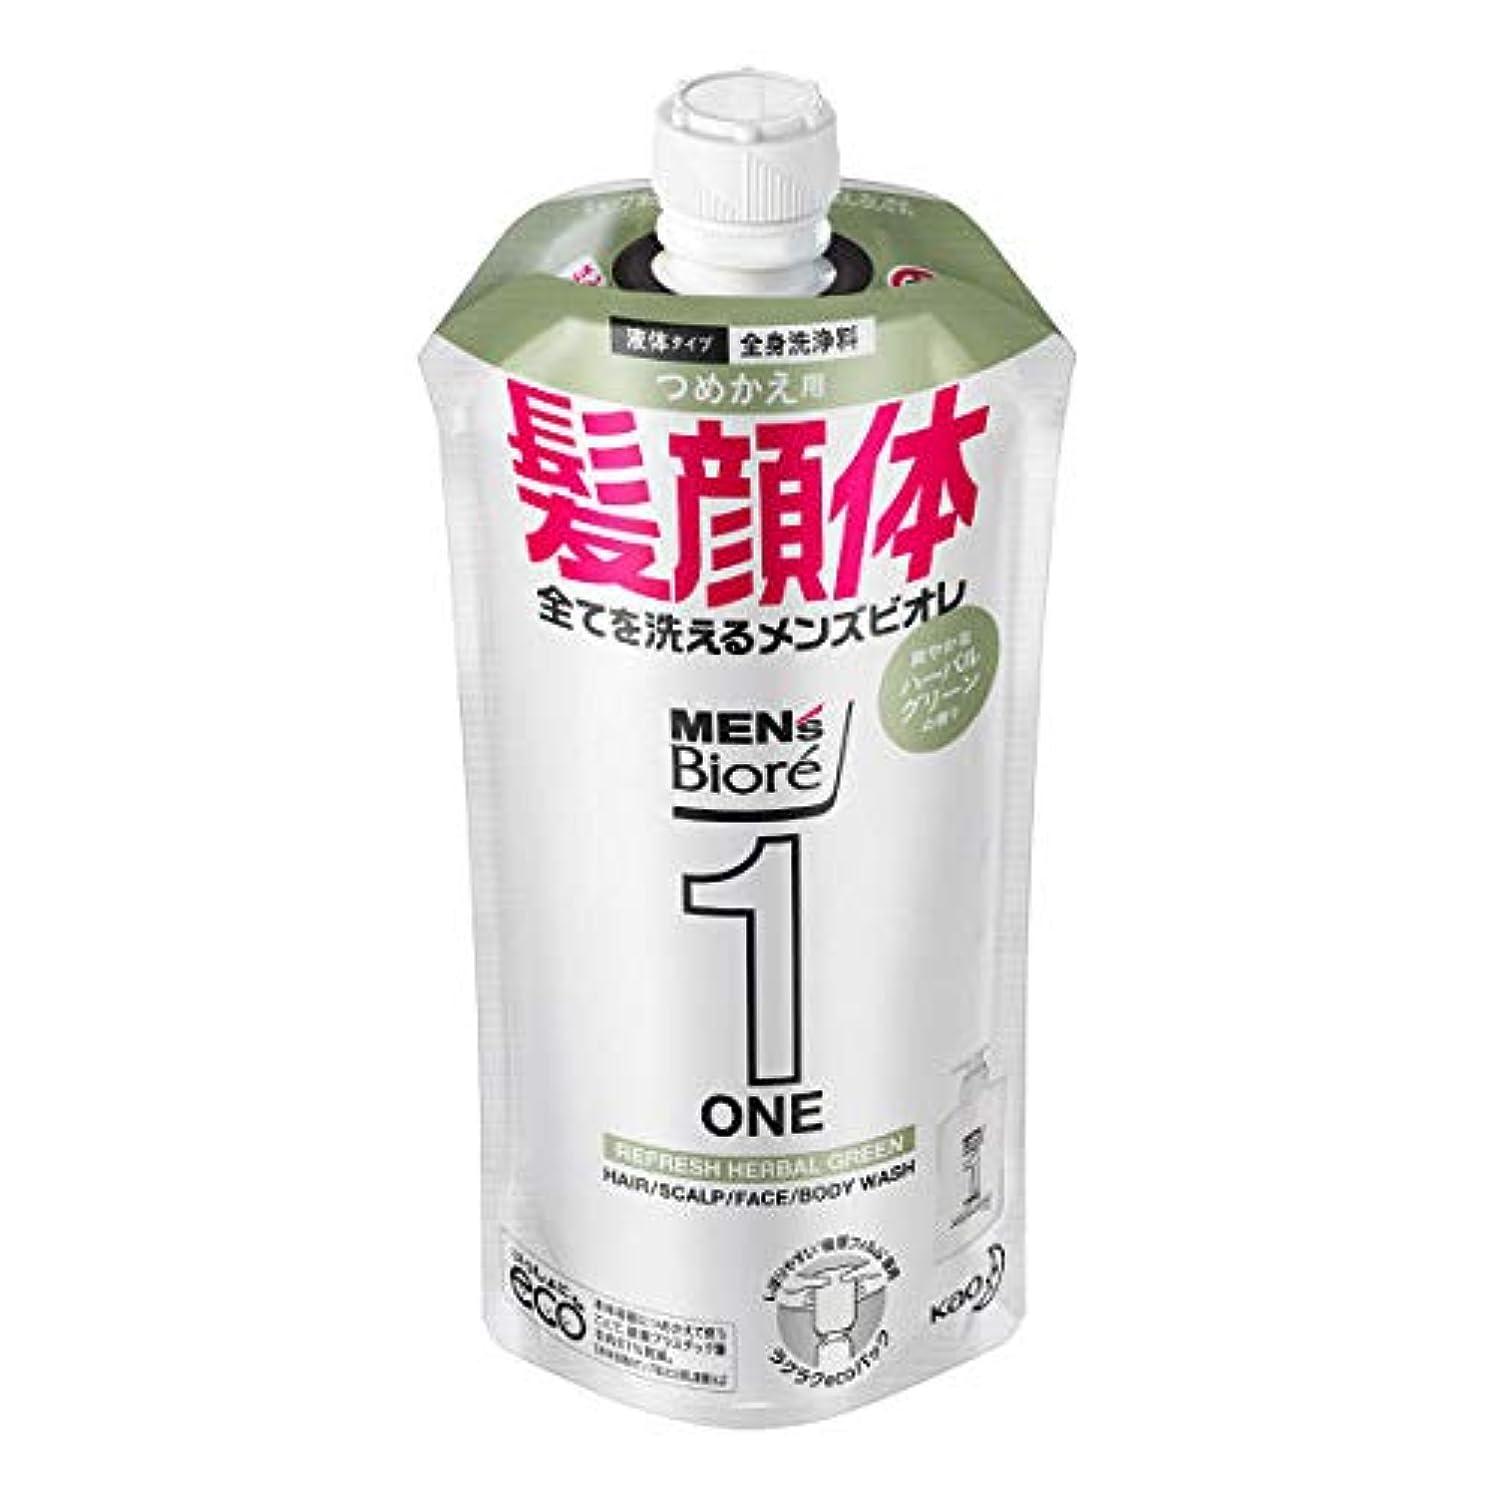 戦術わかるハグメンズビオレONE オールインワン全身洗浄料 爽やかなハーブルグリーンの香り つめかえ用 340mL